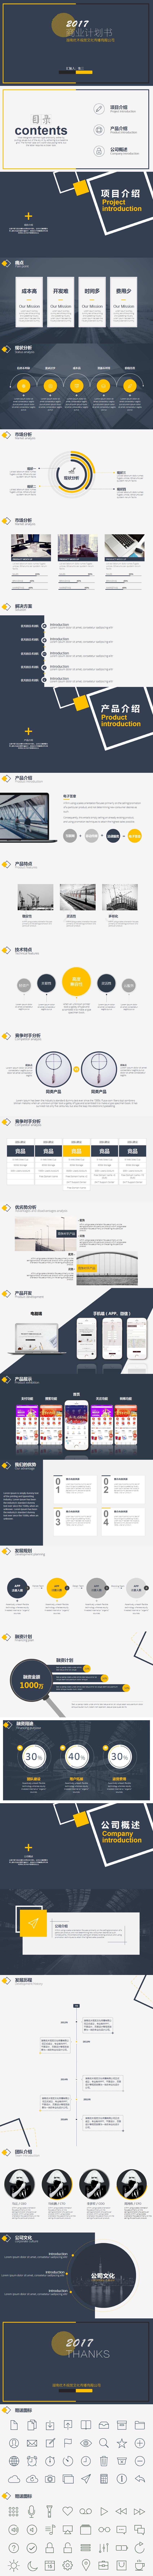 2017商务科技互联网商业计划书融资计划书路演ppt模板(商务科技互联网)